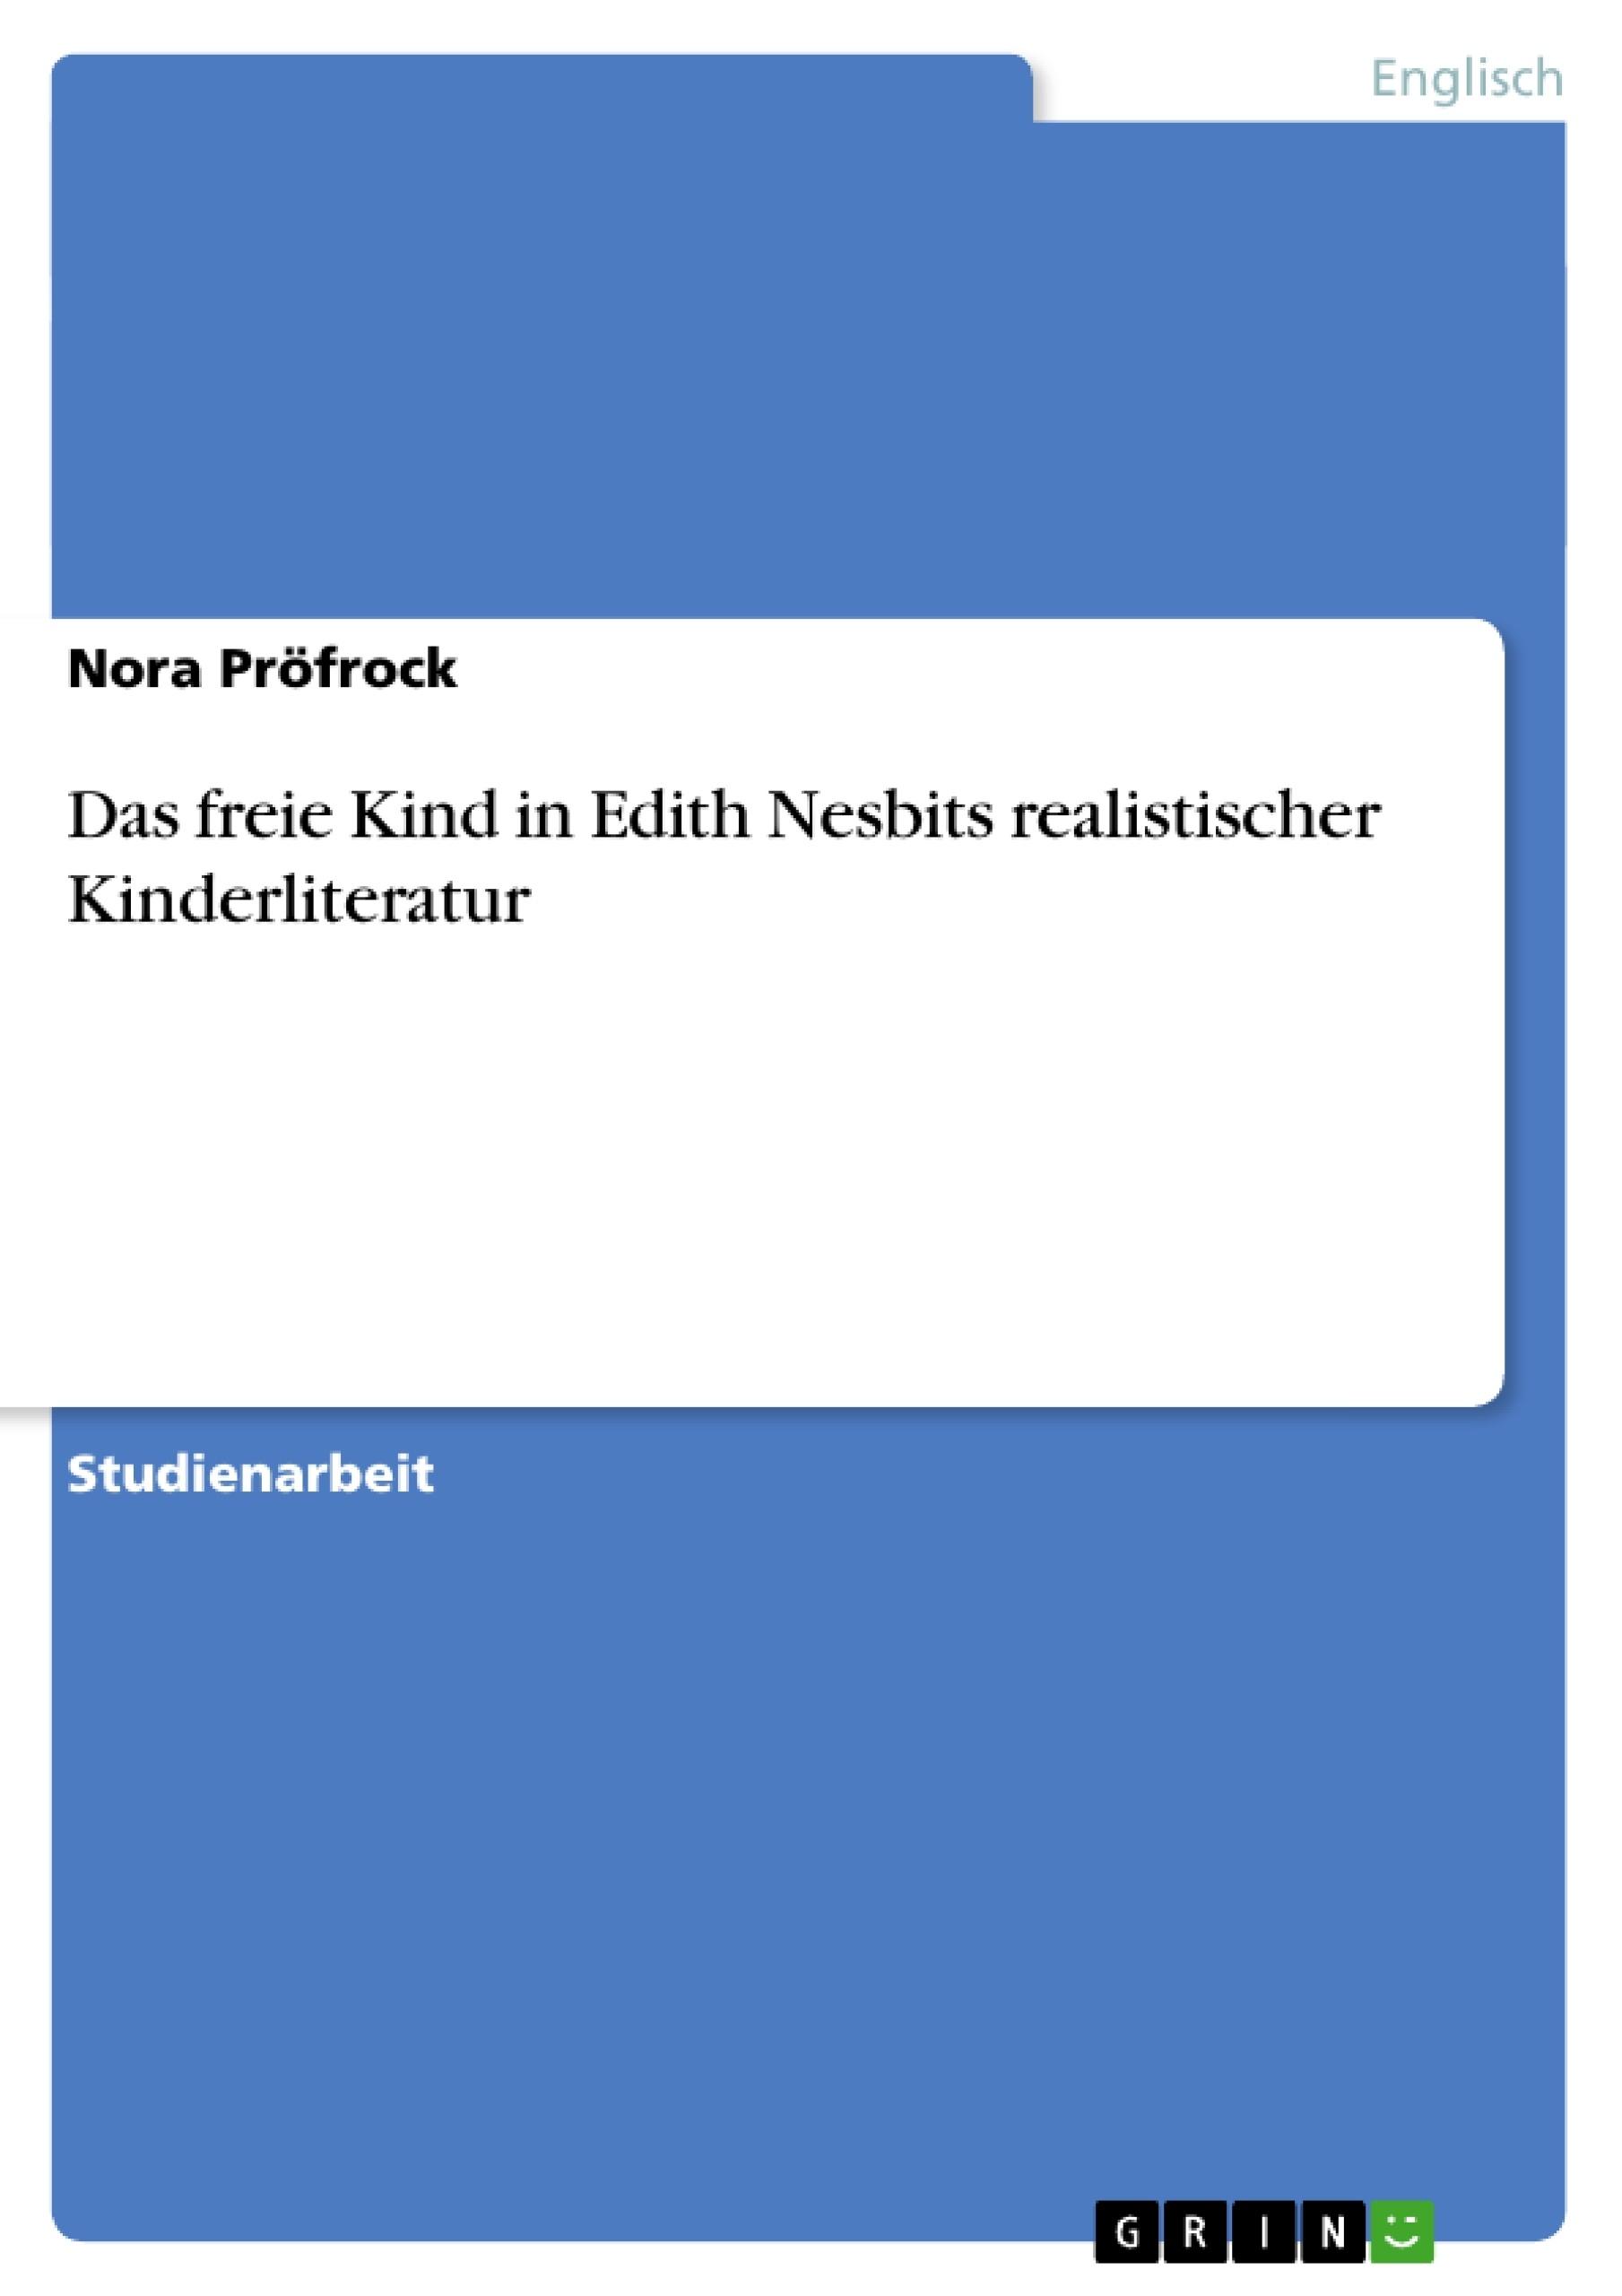 Titel: Das freie Kind in Edith Nesbits realistischer Kinderliteratur